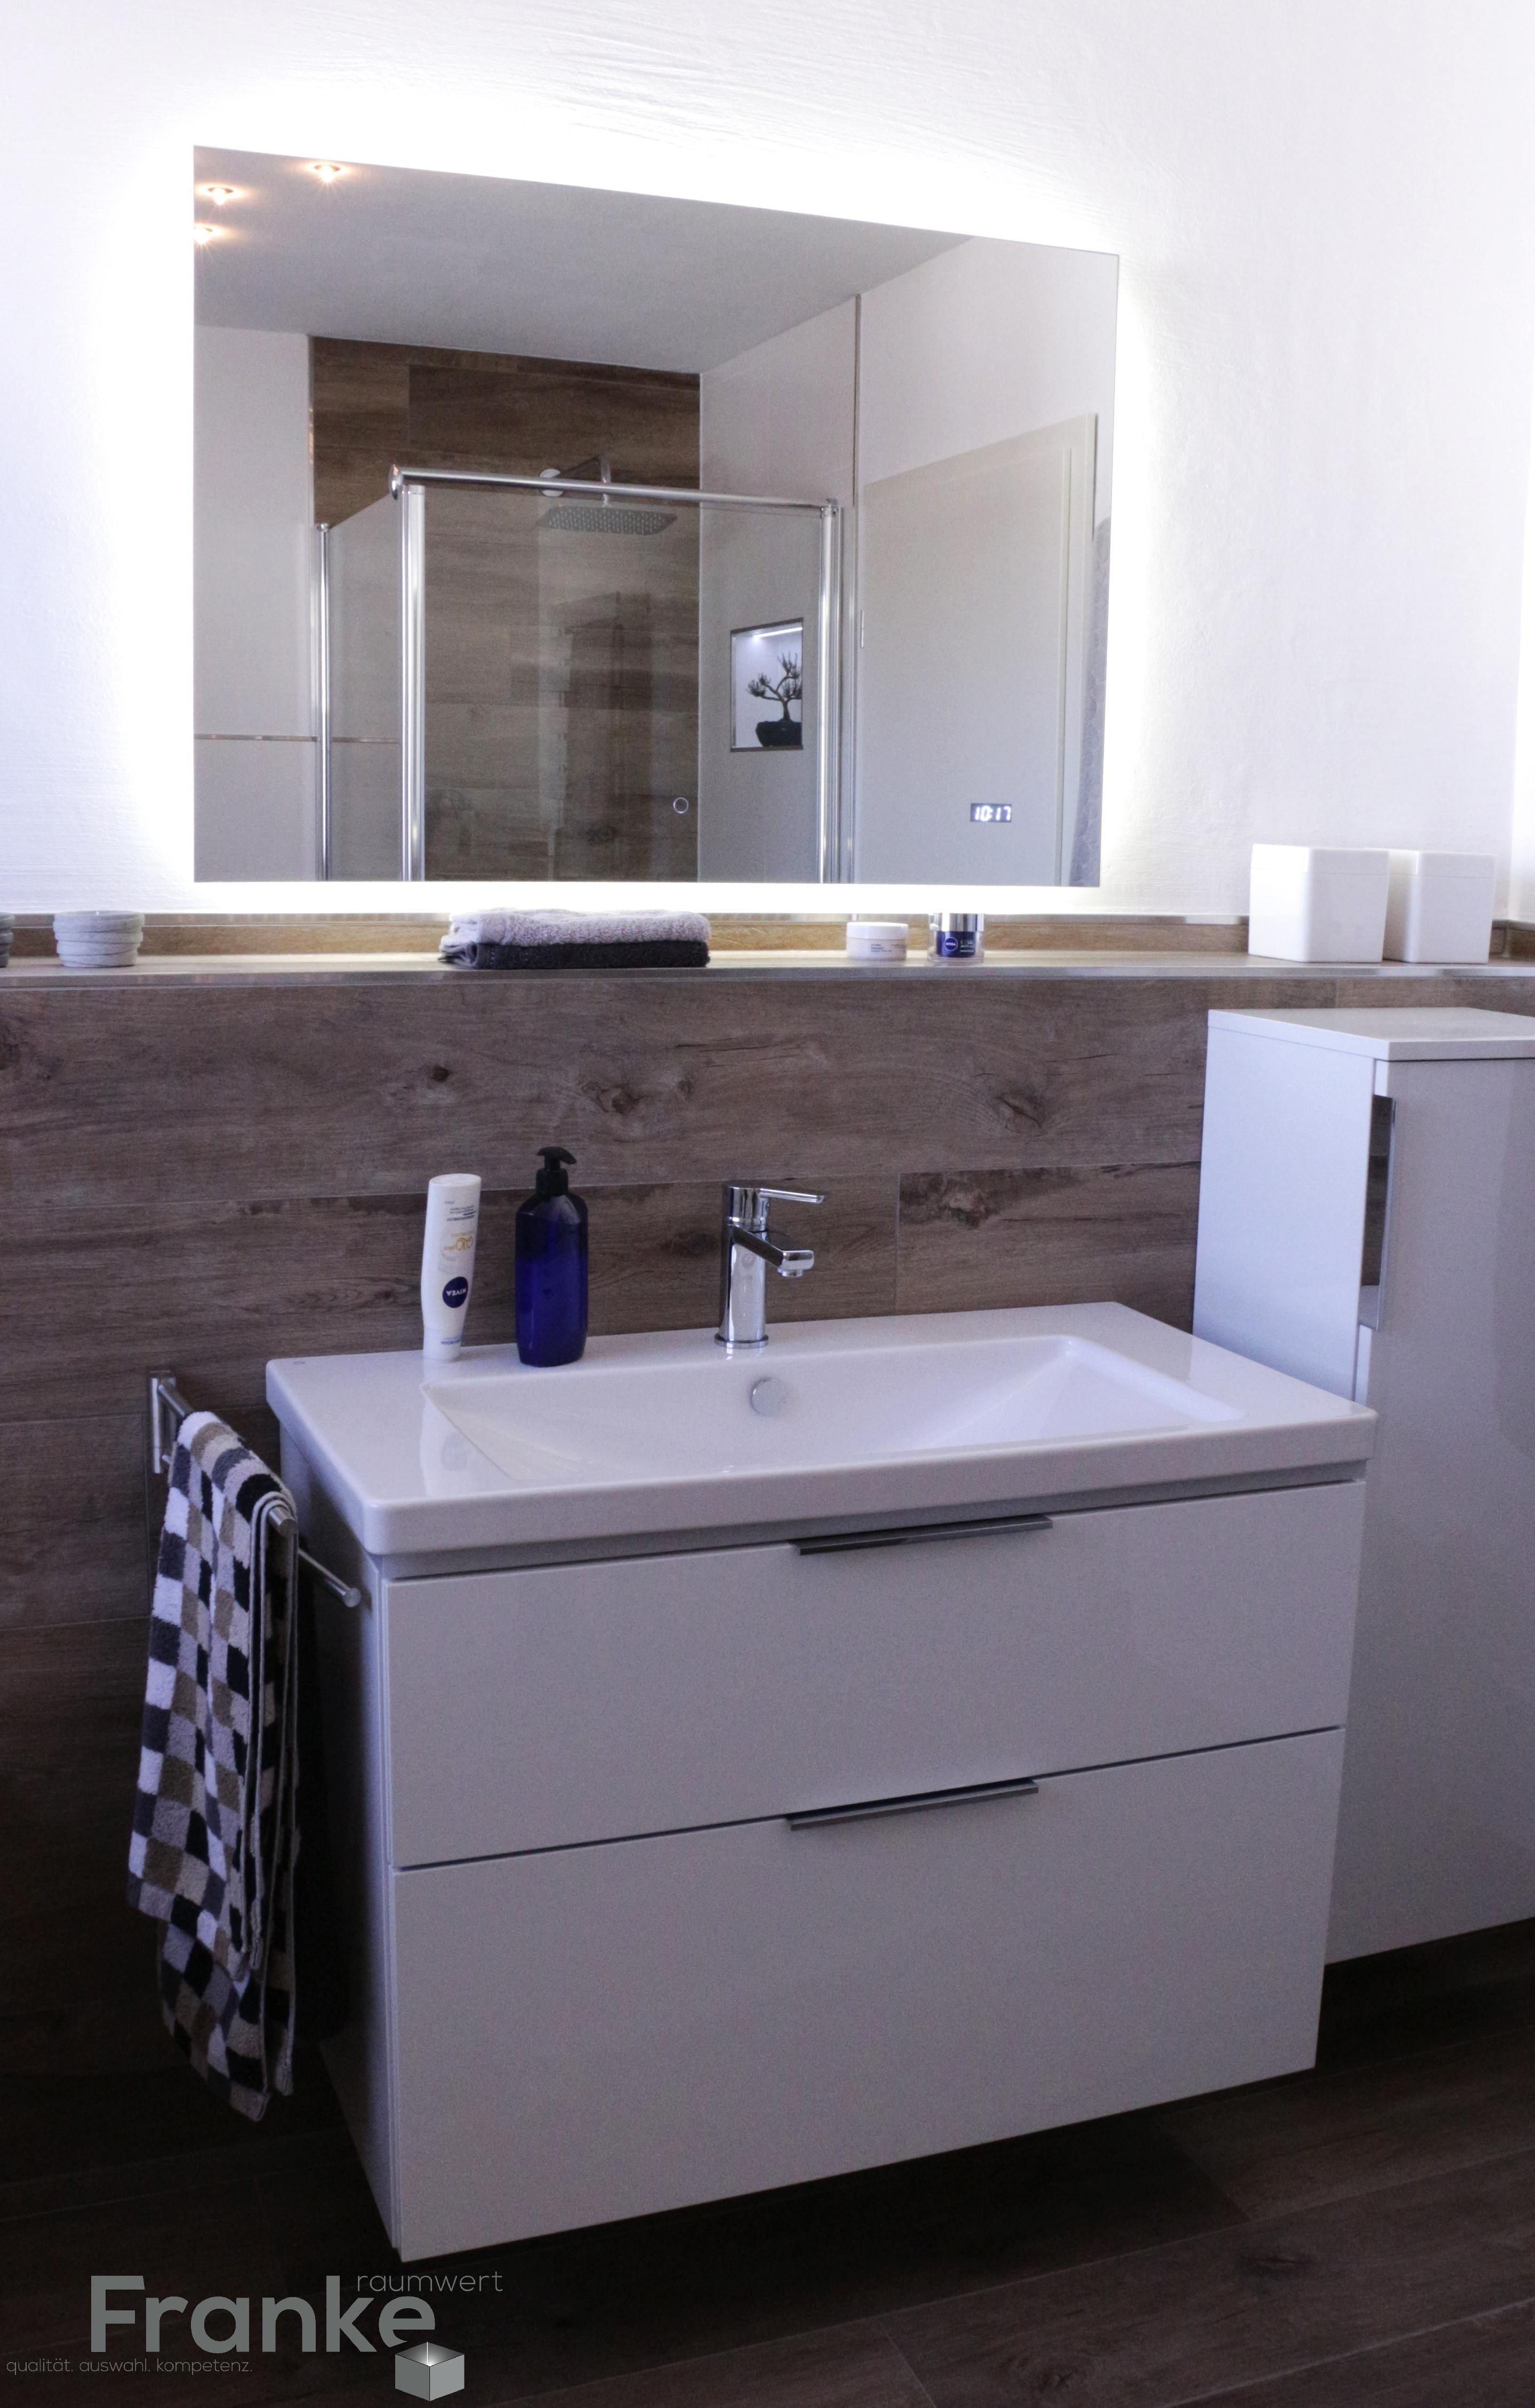 lichtspiegel mit einer waschtischkombination von burgbad bad. Black Bedroom Furniture Sets. Home Design Ideas